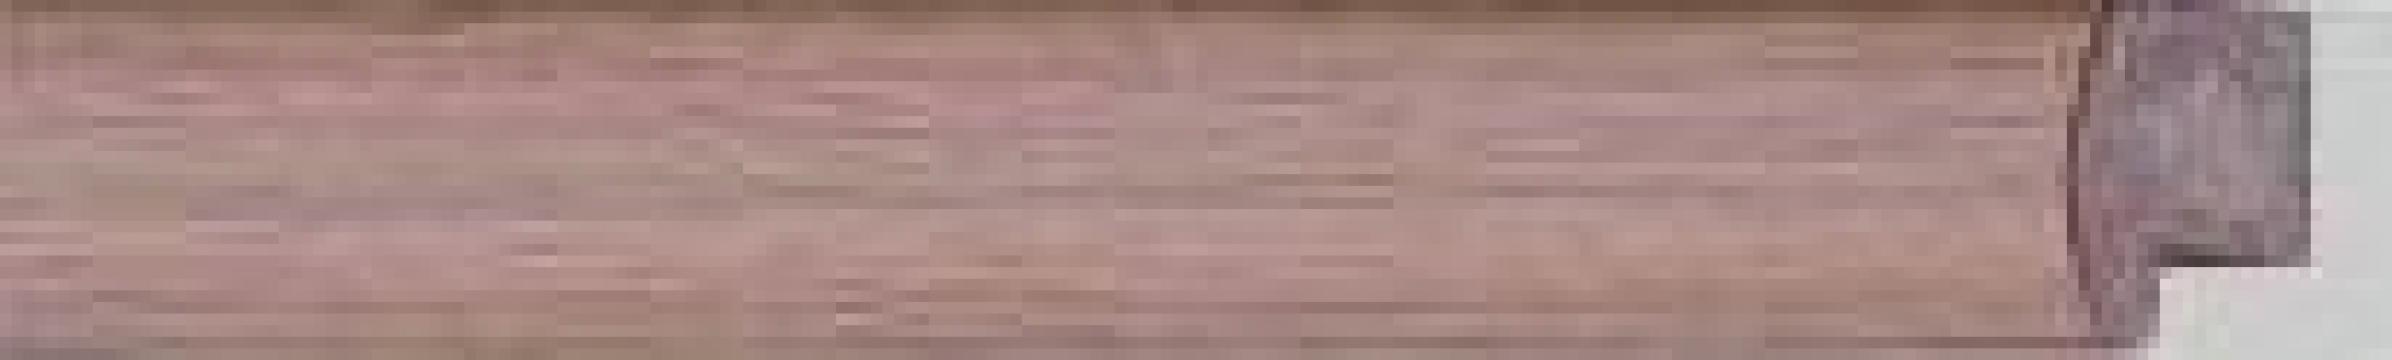 Profil sintetic pentru rame si tablouri de la Frameart Decor Srl.